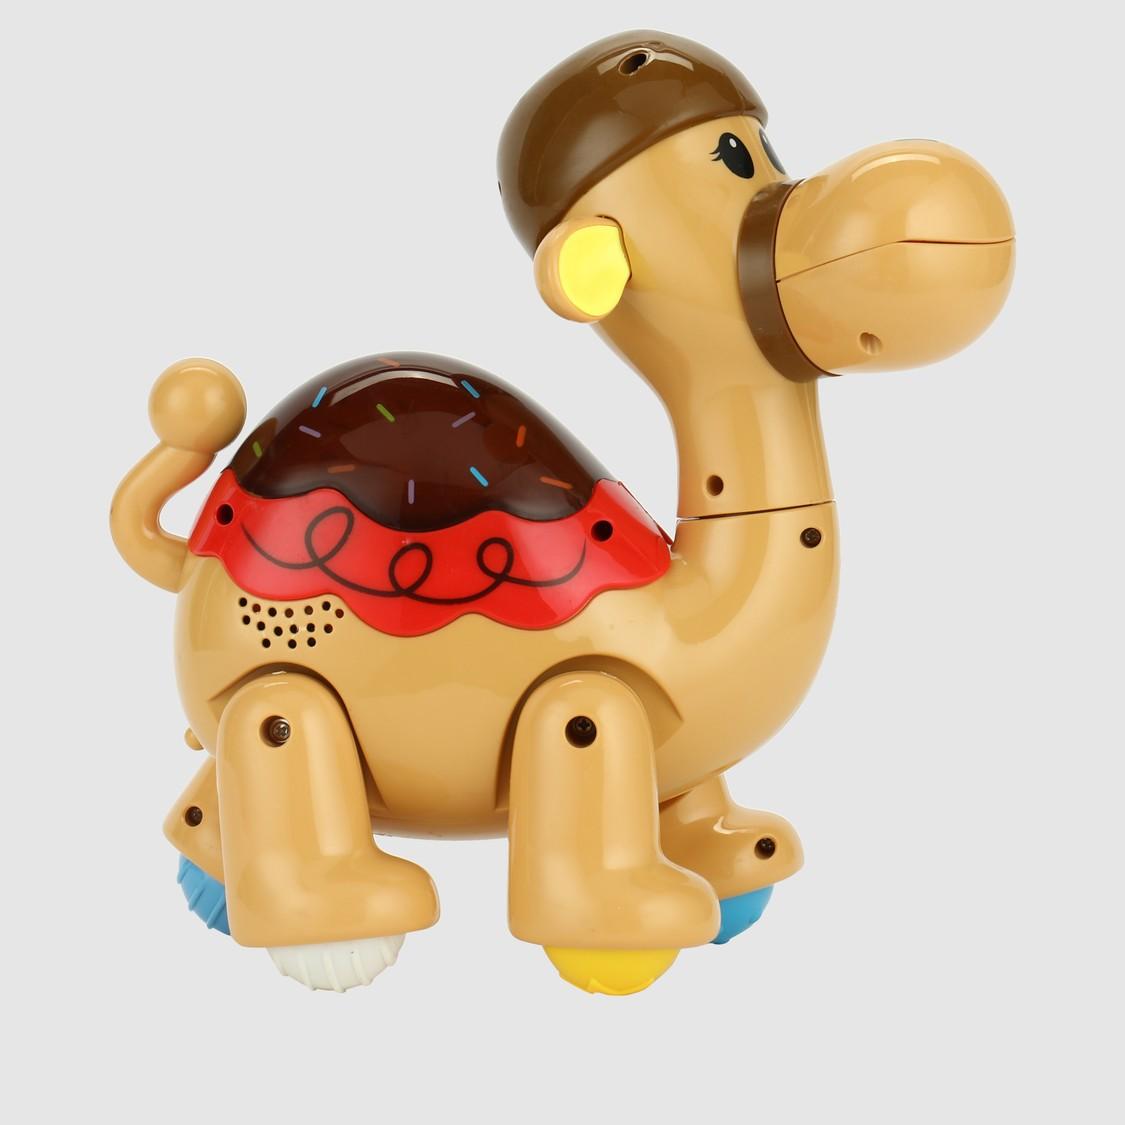 Camel Playset